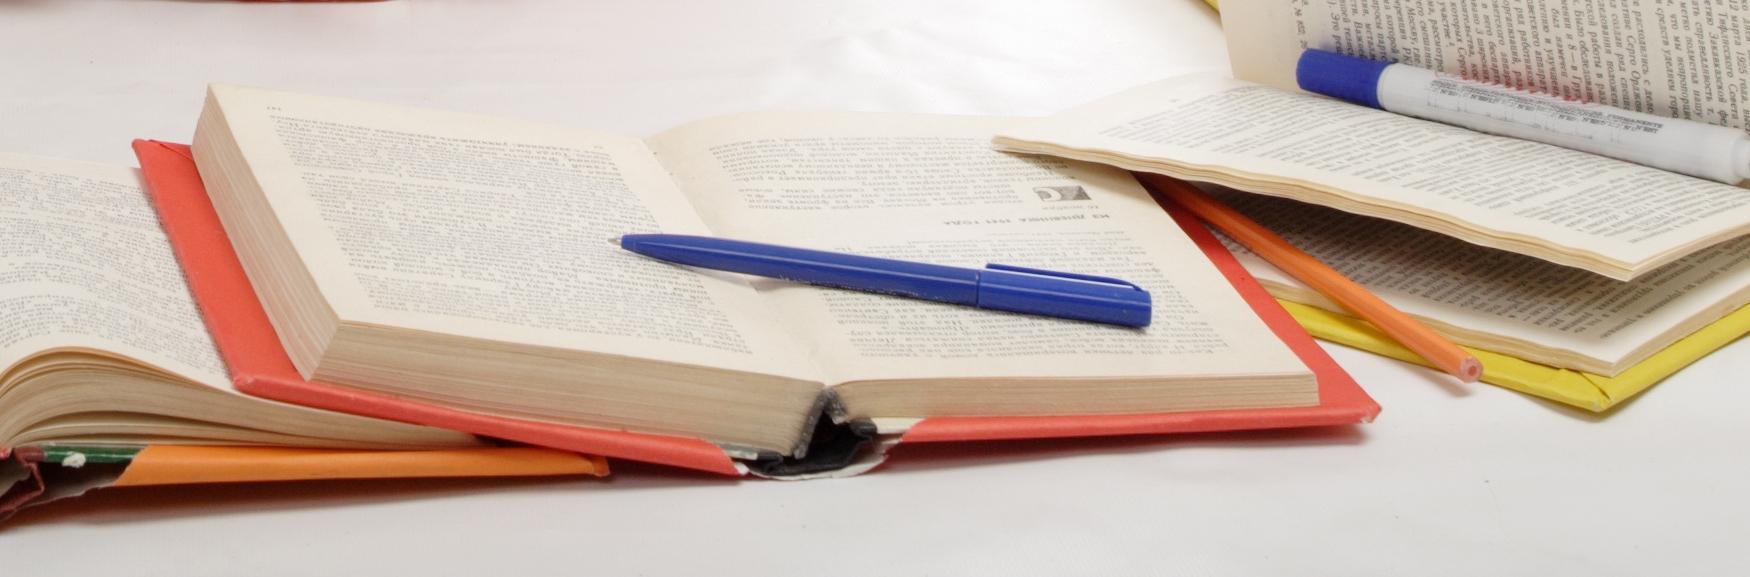 Написание курсовых работ заказать курсовую онлайн в Ярославле Заказать курсовую в Ярославле онлайн